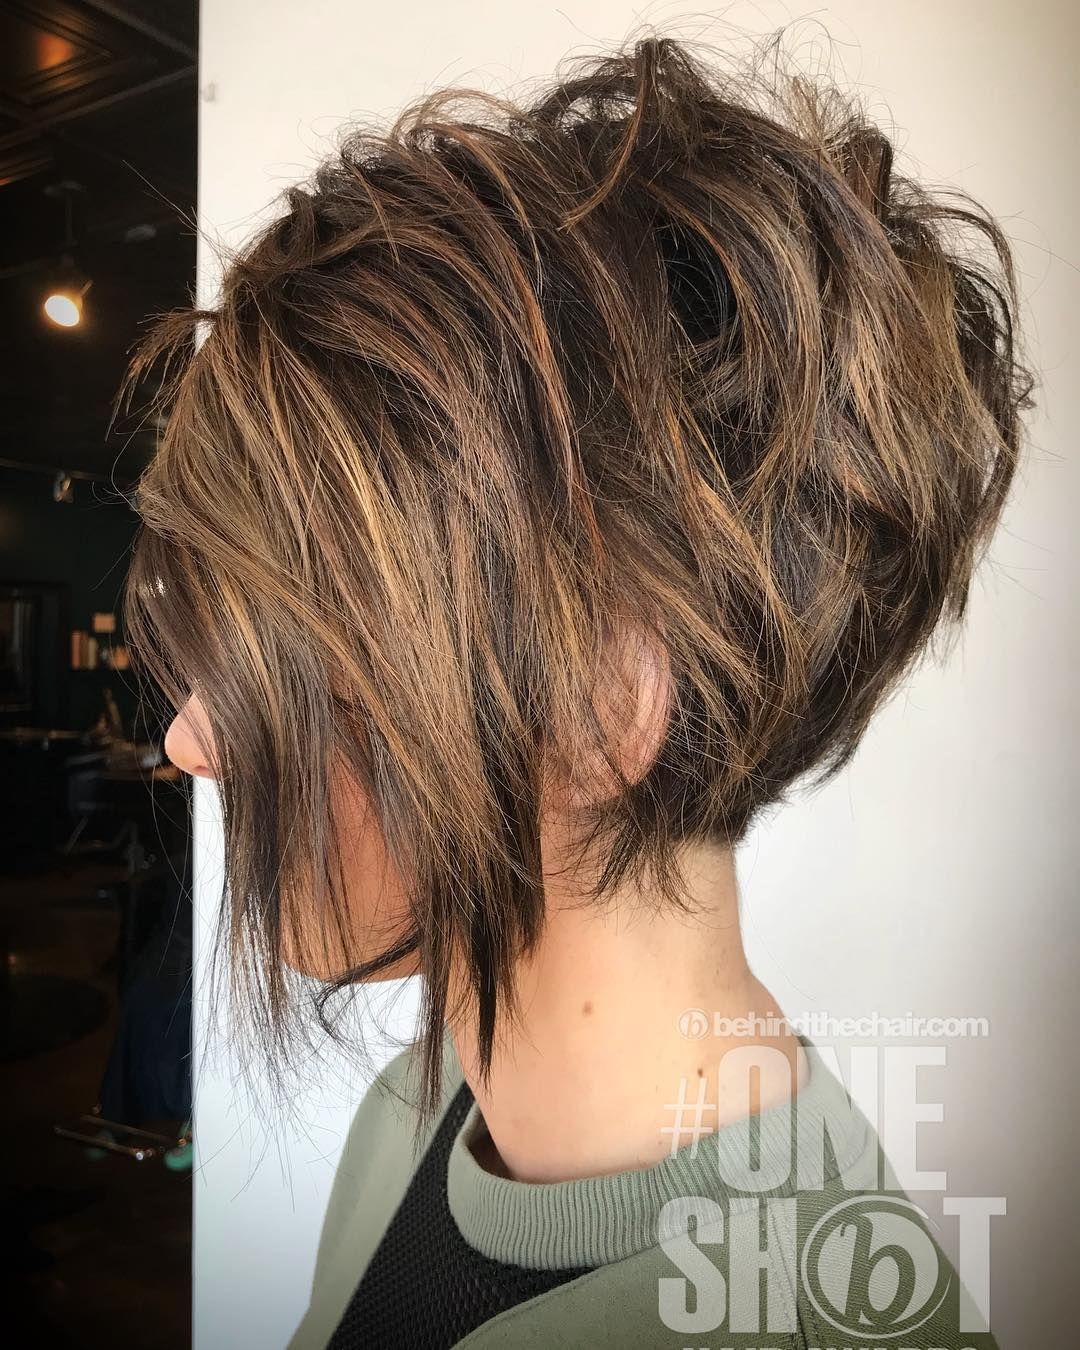 Pin by trisha griebel on hair in pinterest hair hair